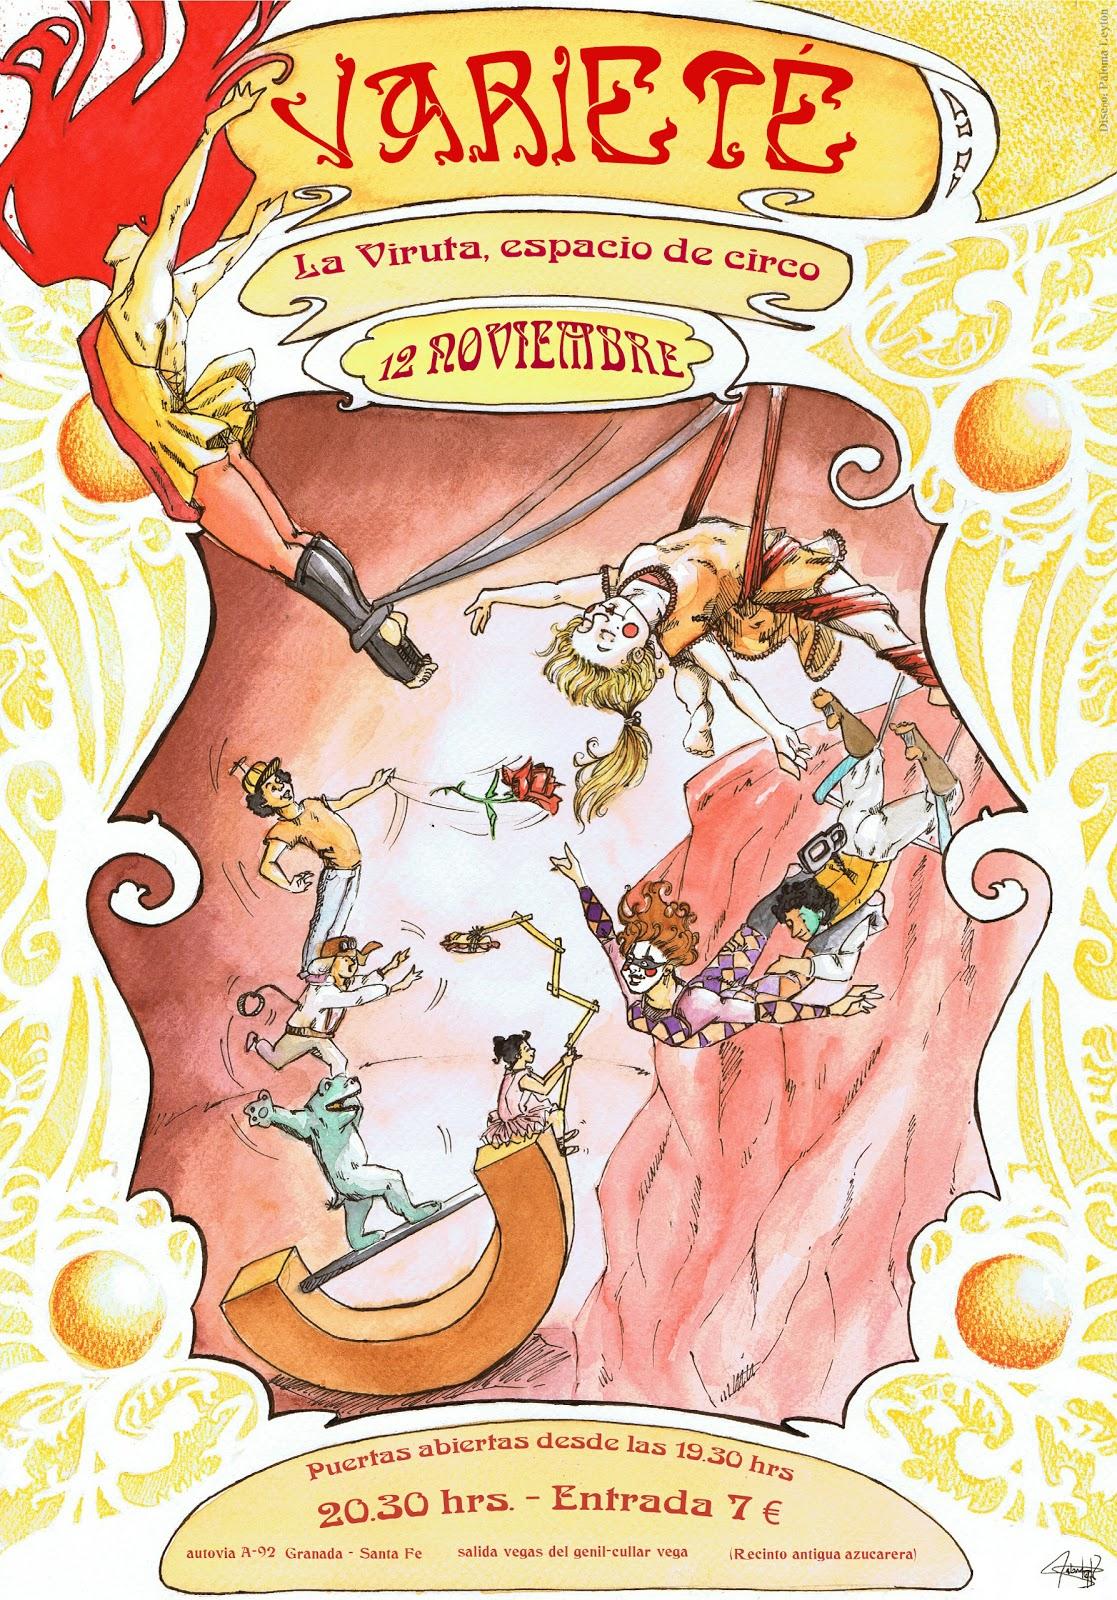 Levoldelacolombe cartel para variet del espacio de - La antigua viruta ...